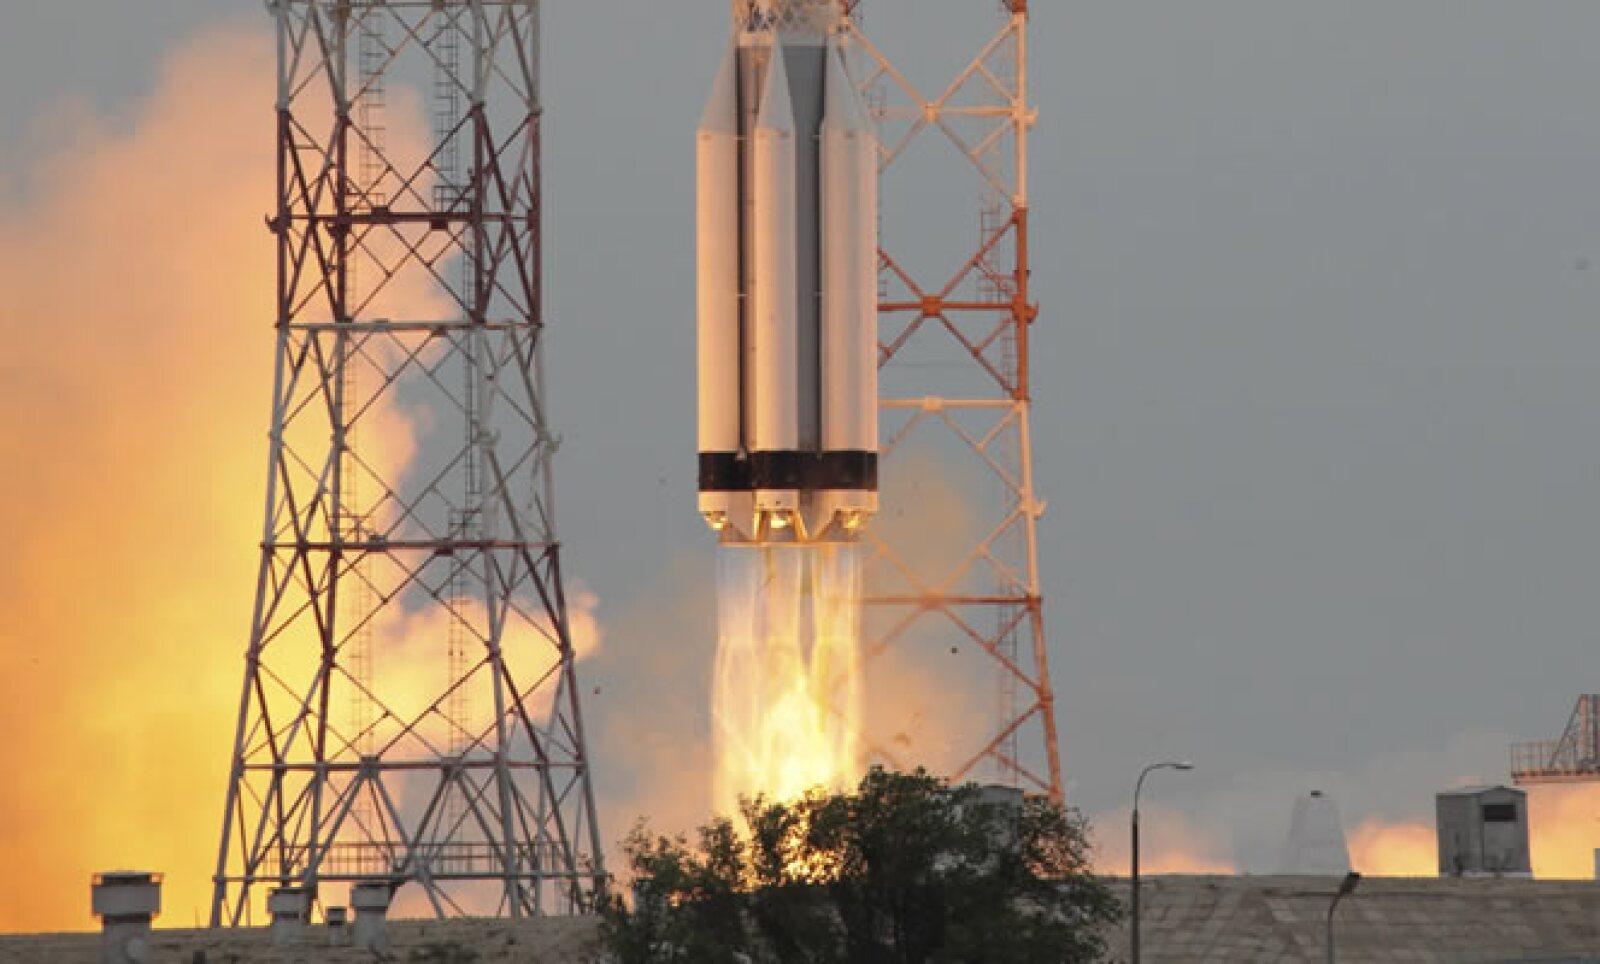 El satélite tiene seguros comerciales de cobertura amplia que amparan al 100% la inversión, informó la Secretaría de Comunicaciones y Transportes.